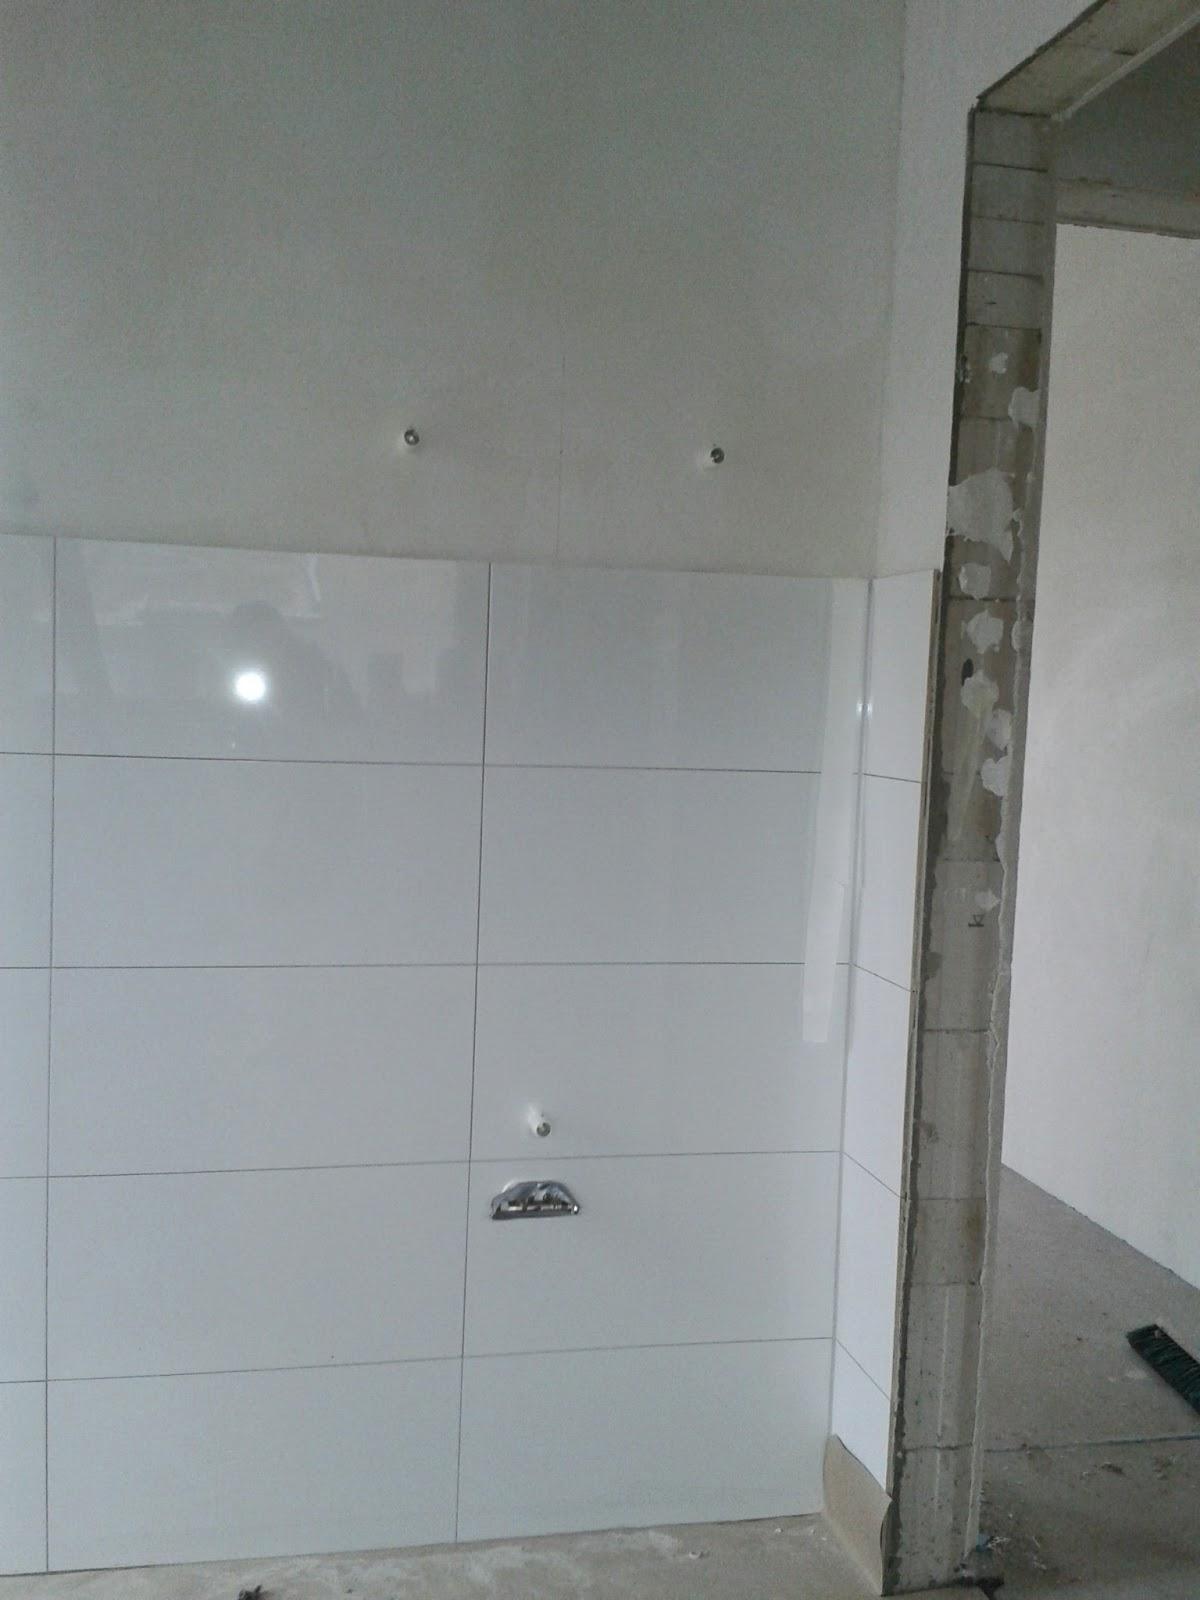 Unser Abenteuer - Hausbau 2013/2014: Gäste WC hängt und ...